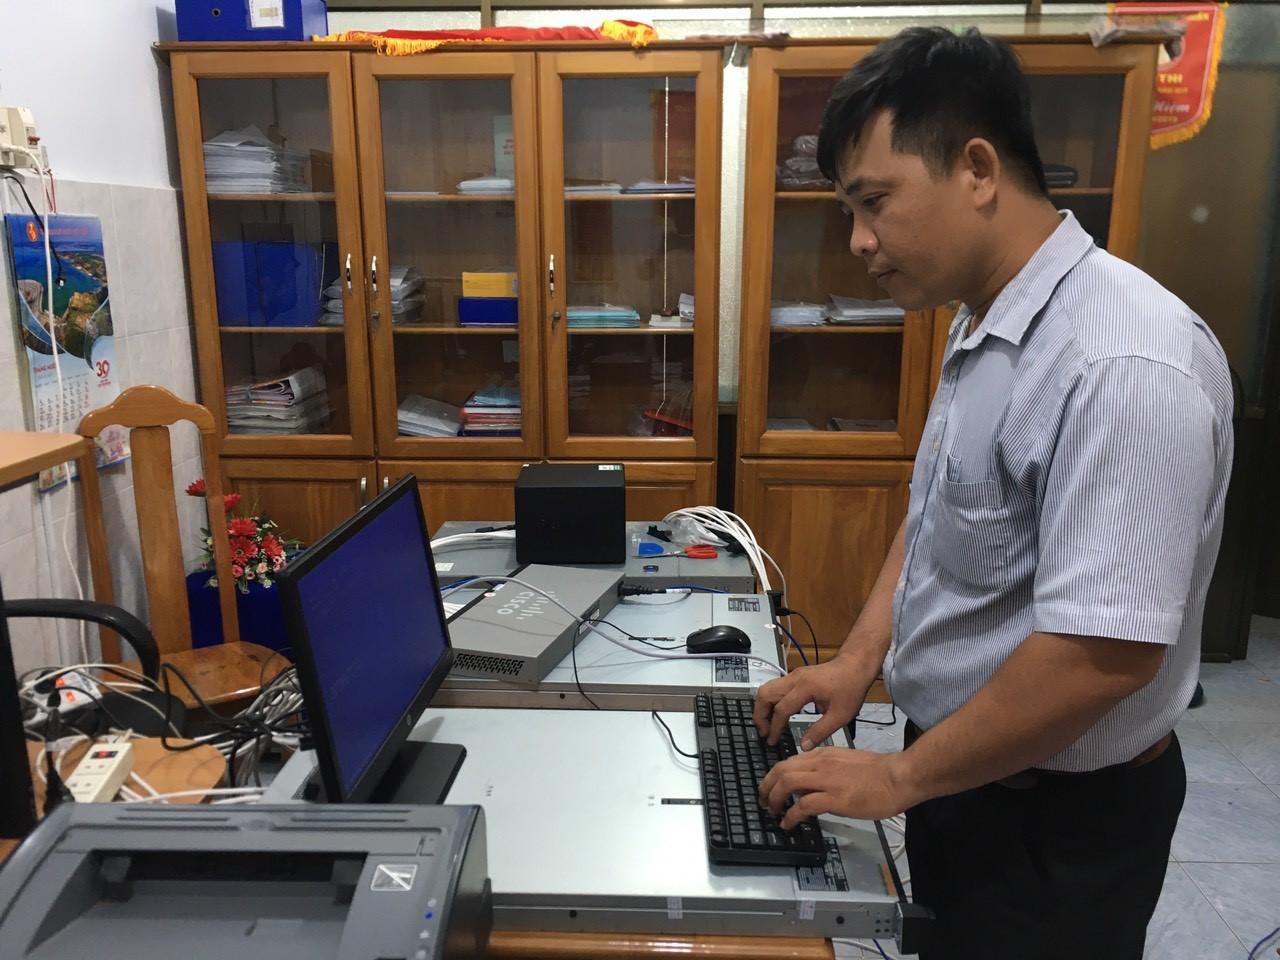 Hình Ứng dụng công nghệ thông tin trong hoạt động quản lý công tác Đảng của Đảng ủy Khối cơ quan và doanh nghiệp tỉnh Bình Thuận